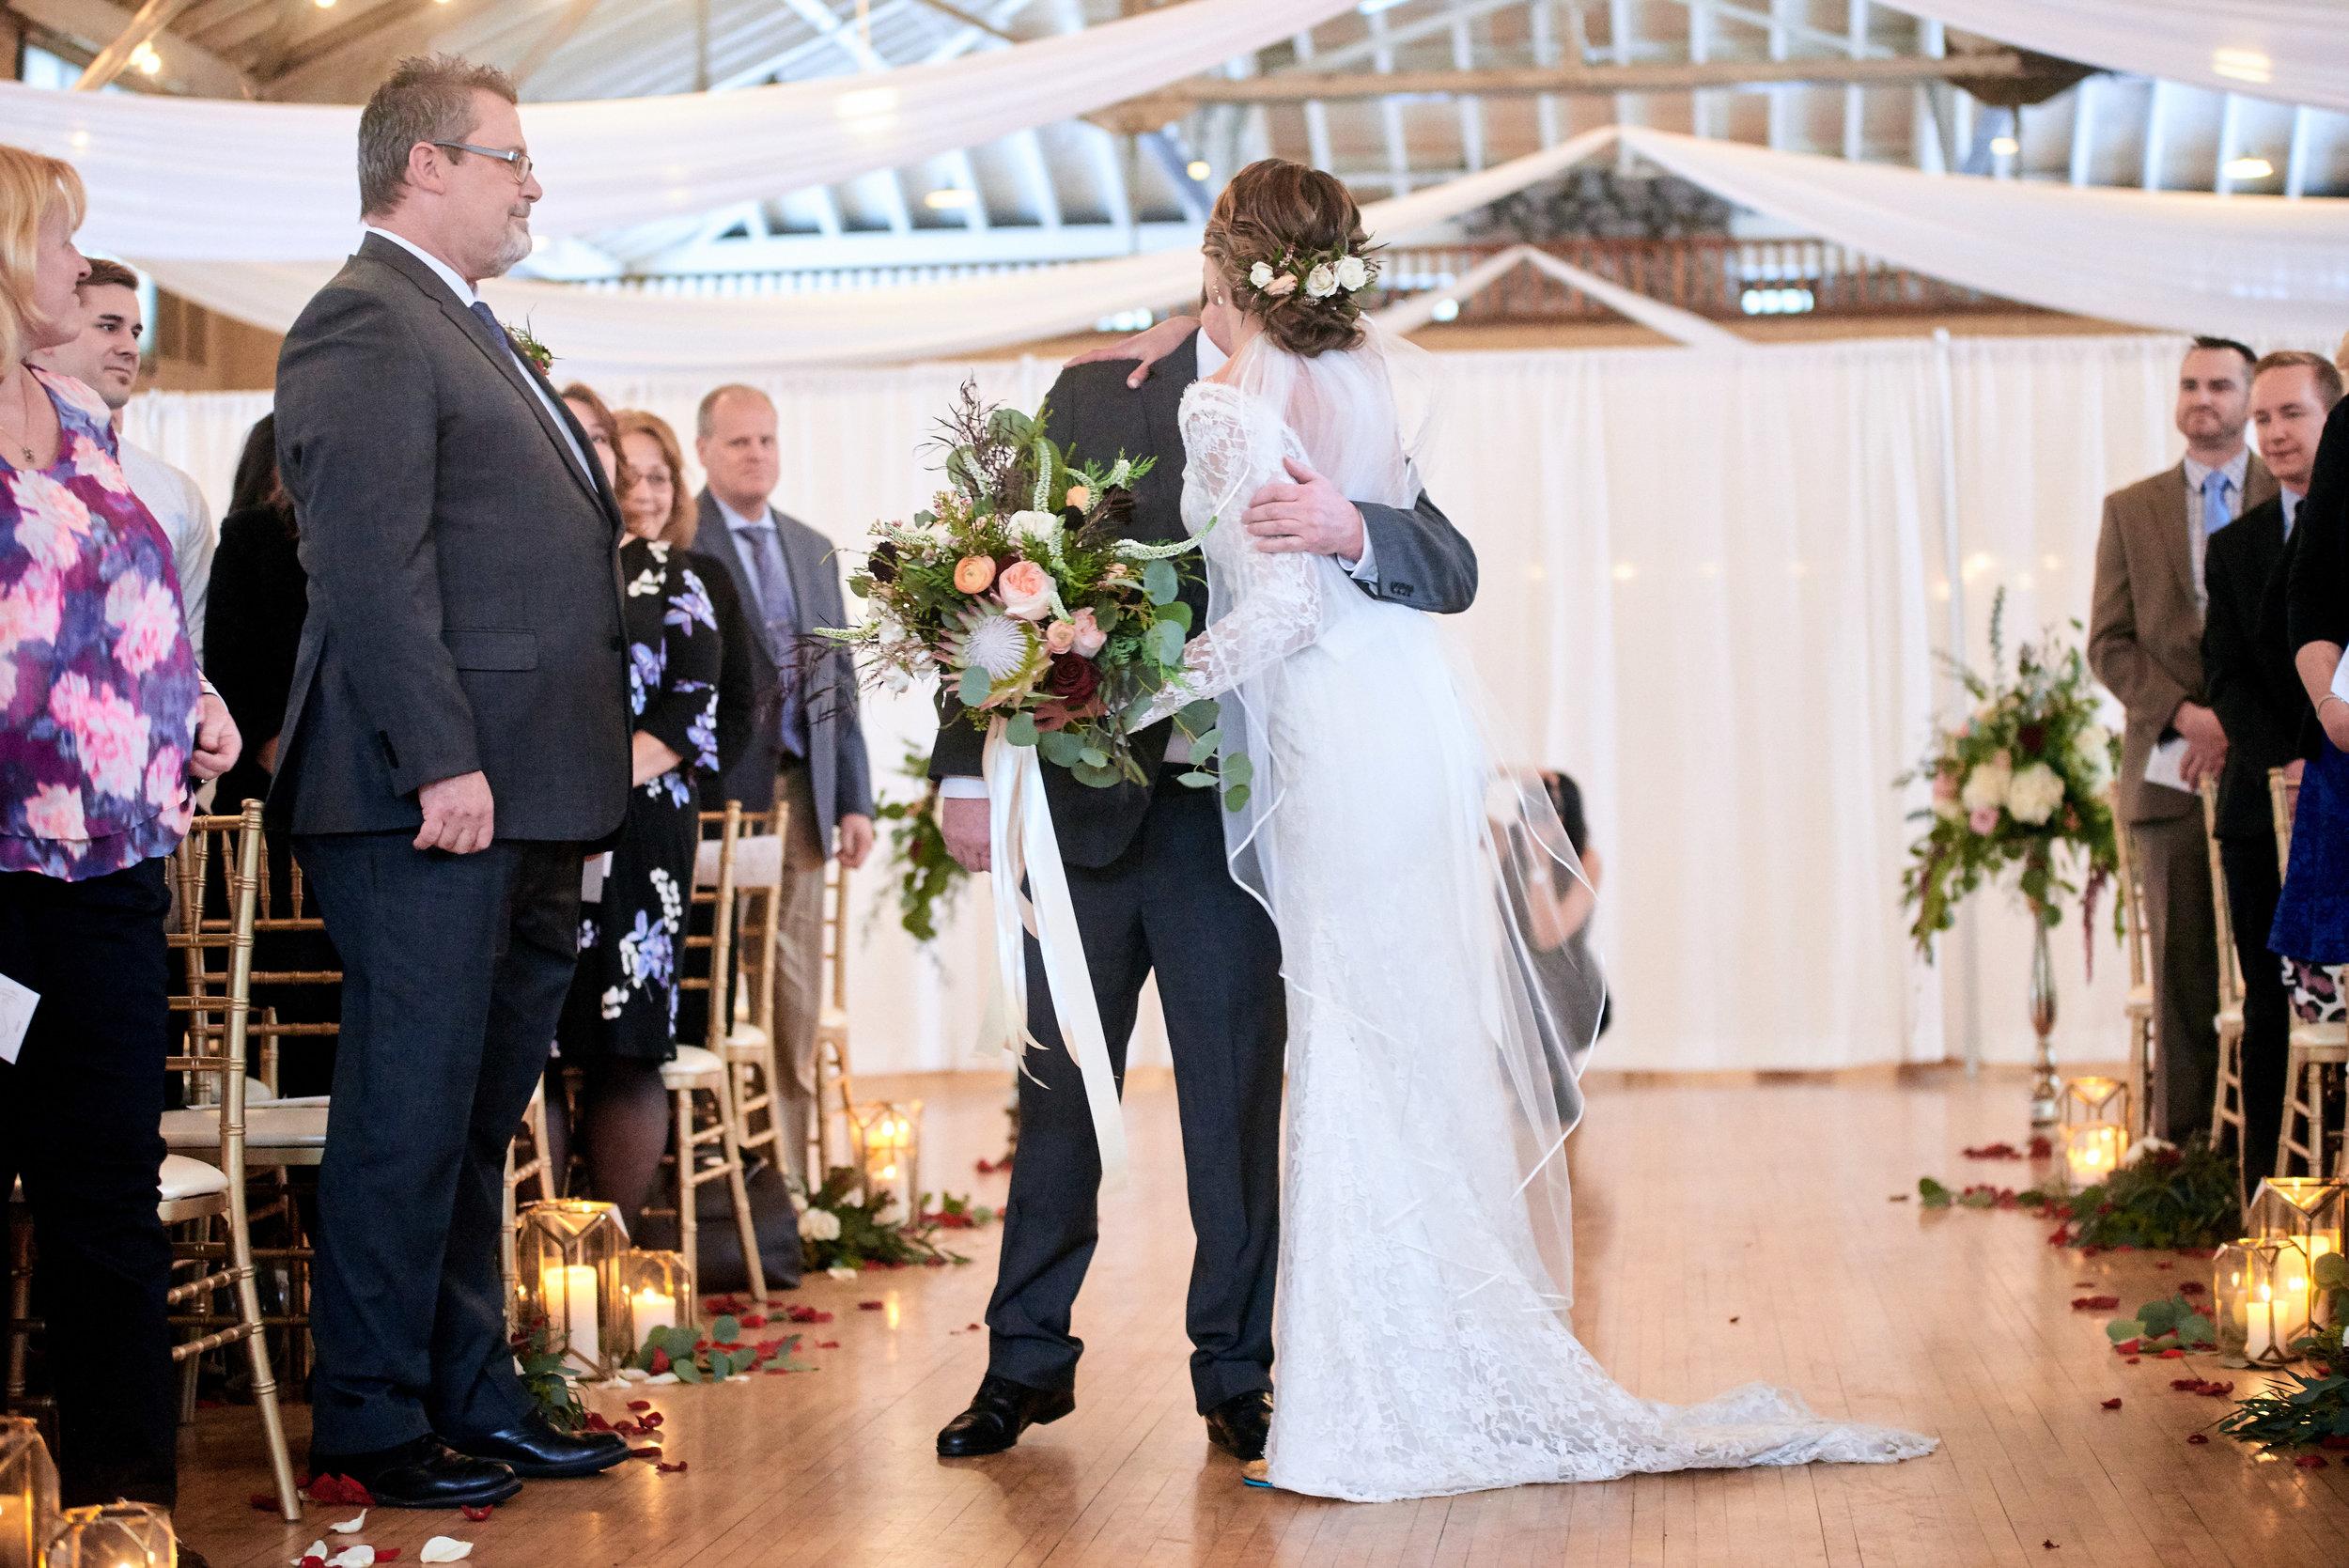 397-rothschild-pavilion-winter-wedding.jpg